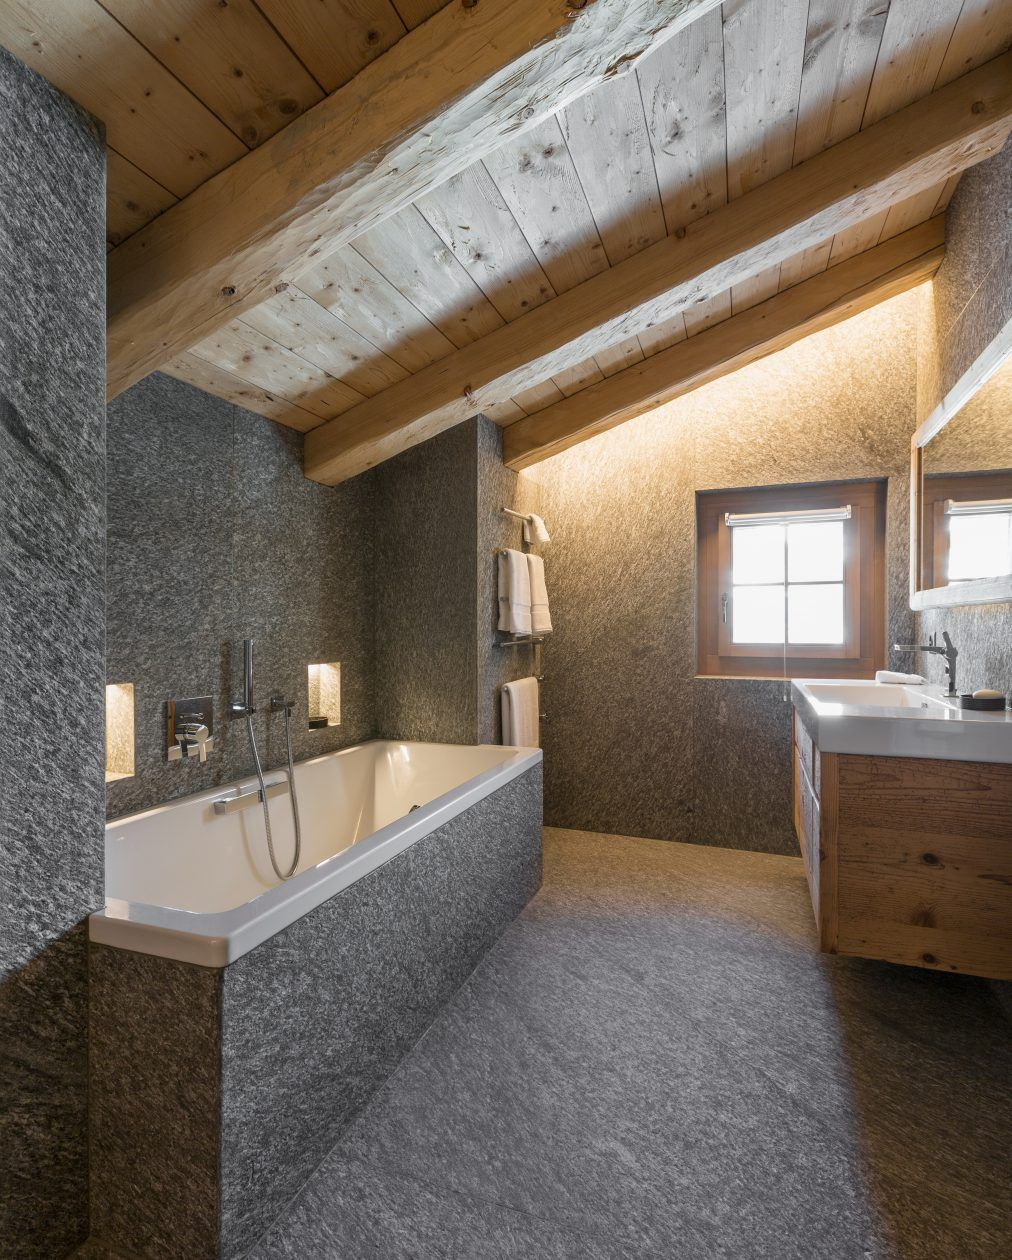 Natursteinbad mit grossformatigen boden und wandplatten - Wandplatten bad ...